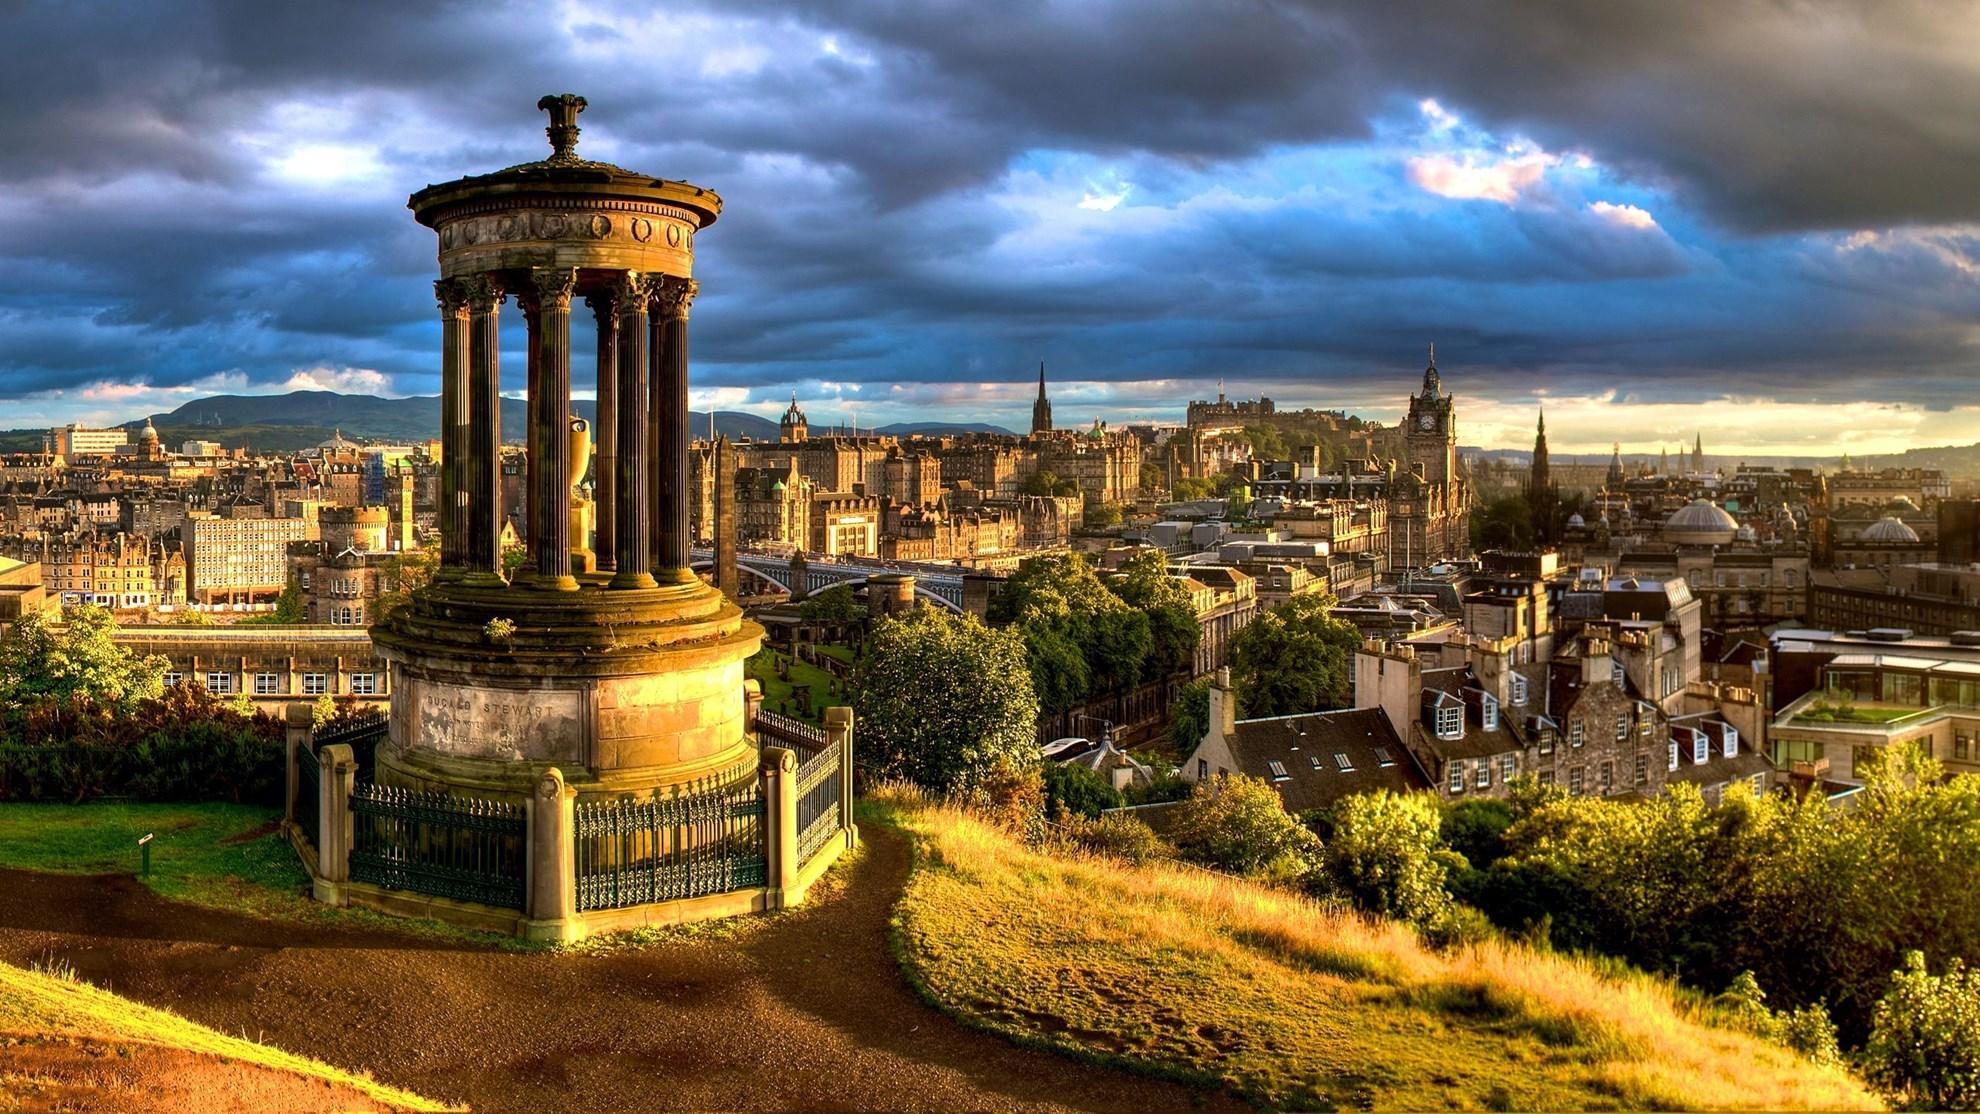 Hình đại điện của danh mục Edinburgh